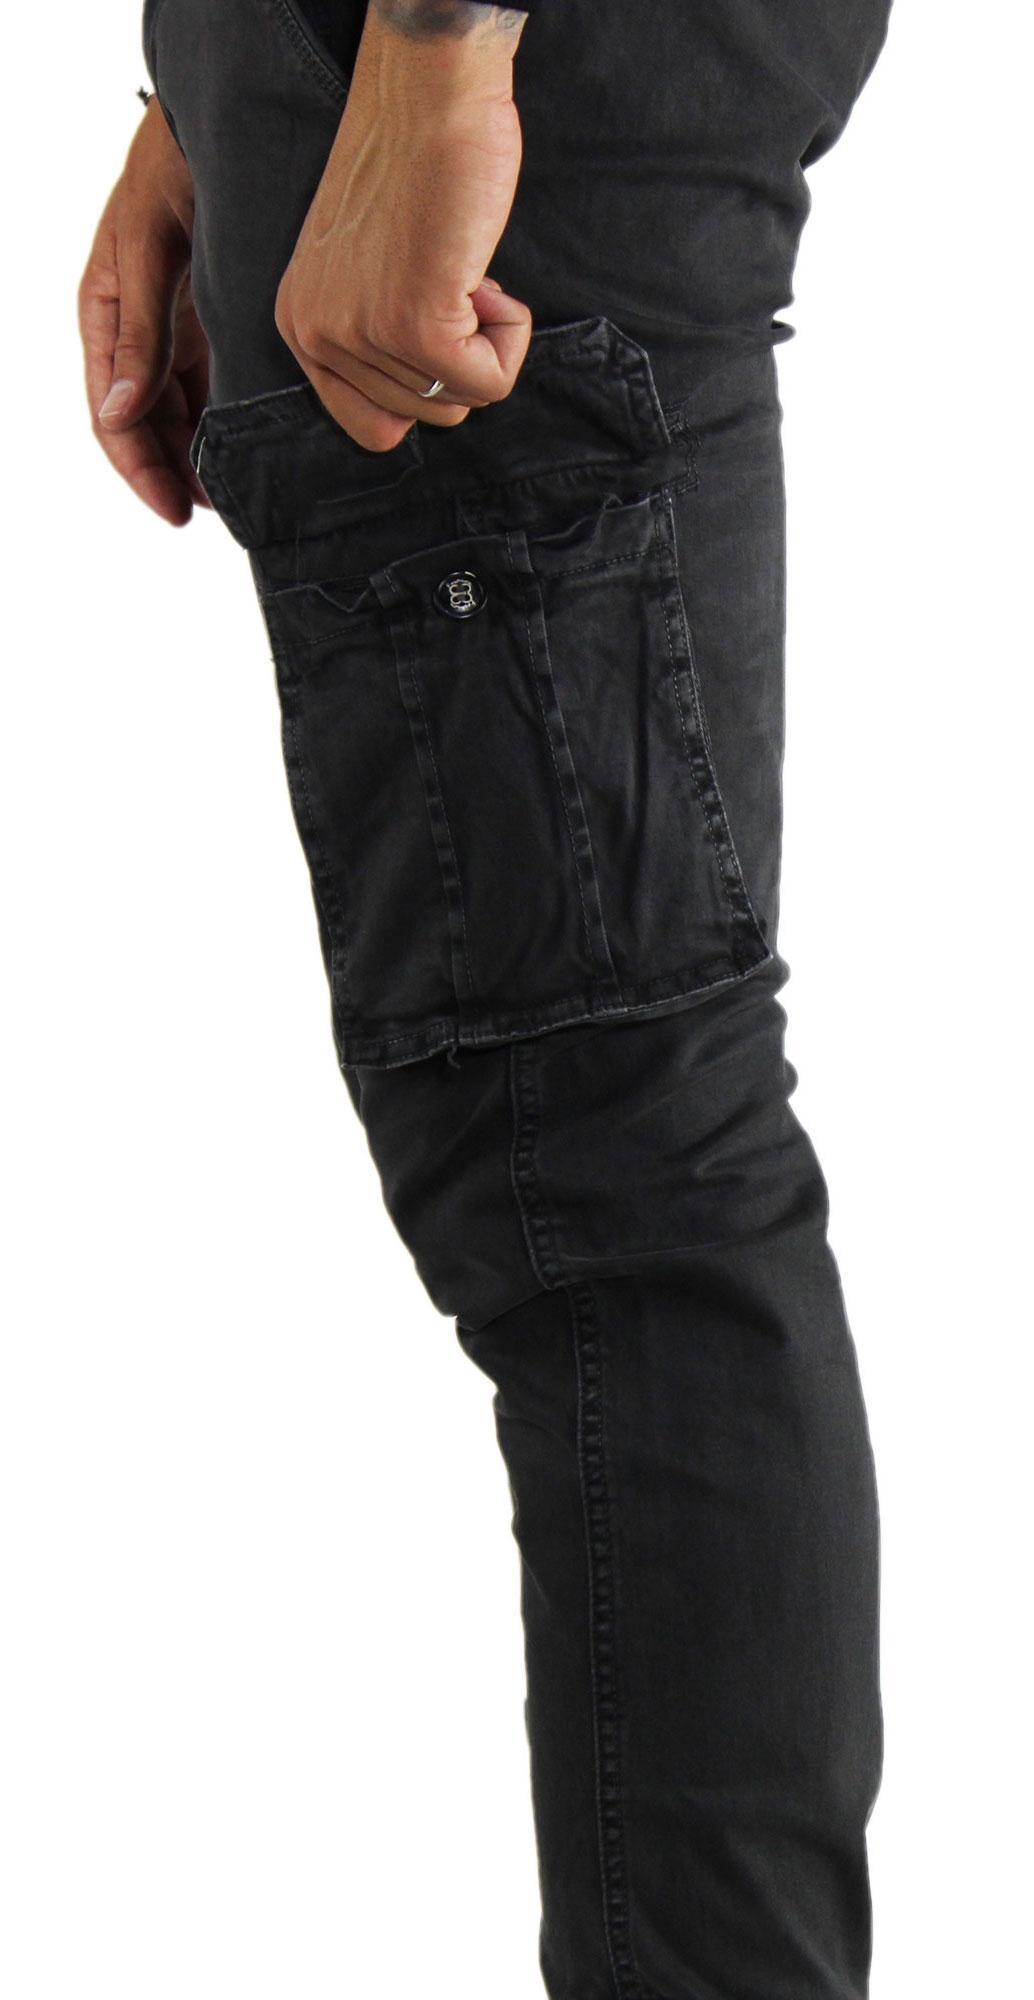 Pantaloni-Cargo-Uomo-Tasche-Laterali-Invernali-Cotone-Slim-Fit-Tasconi-Casual miniatura 4